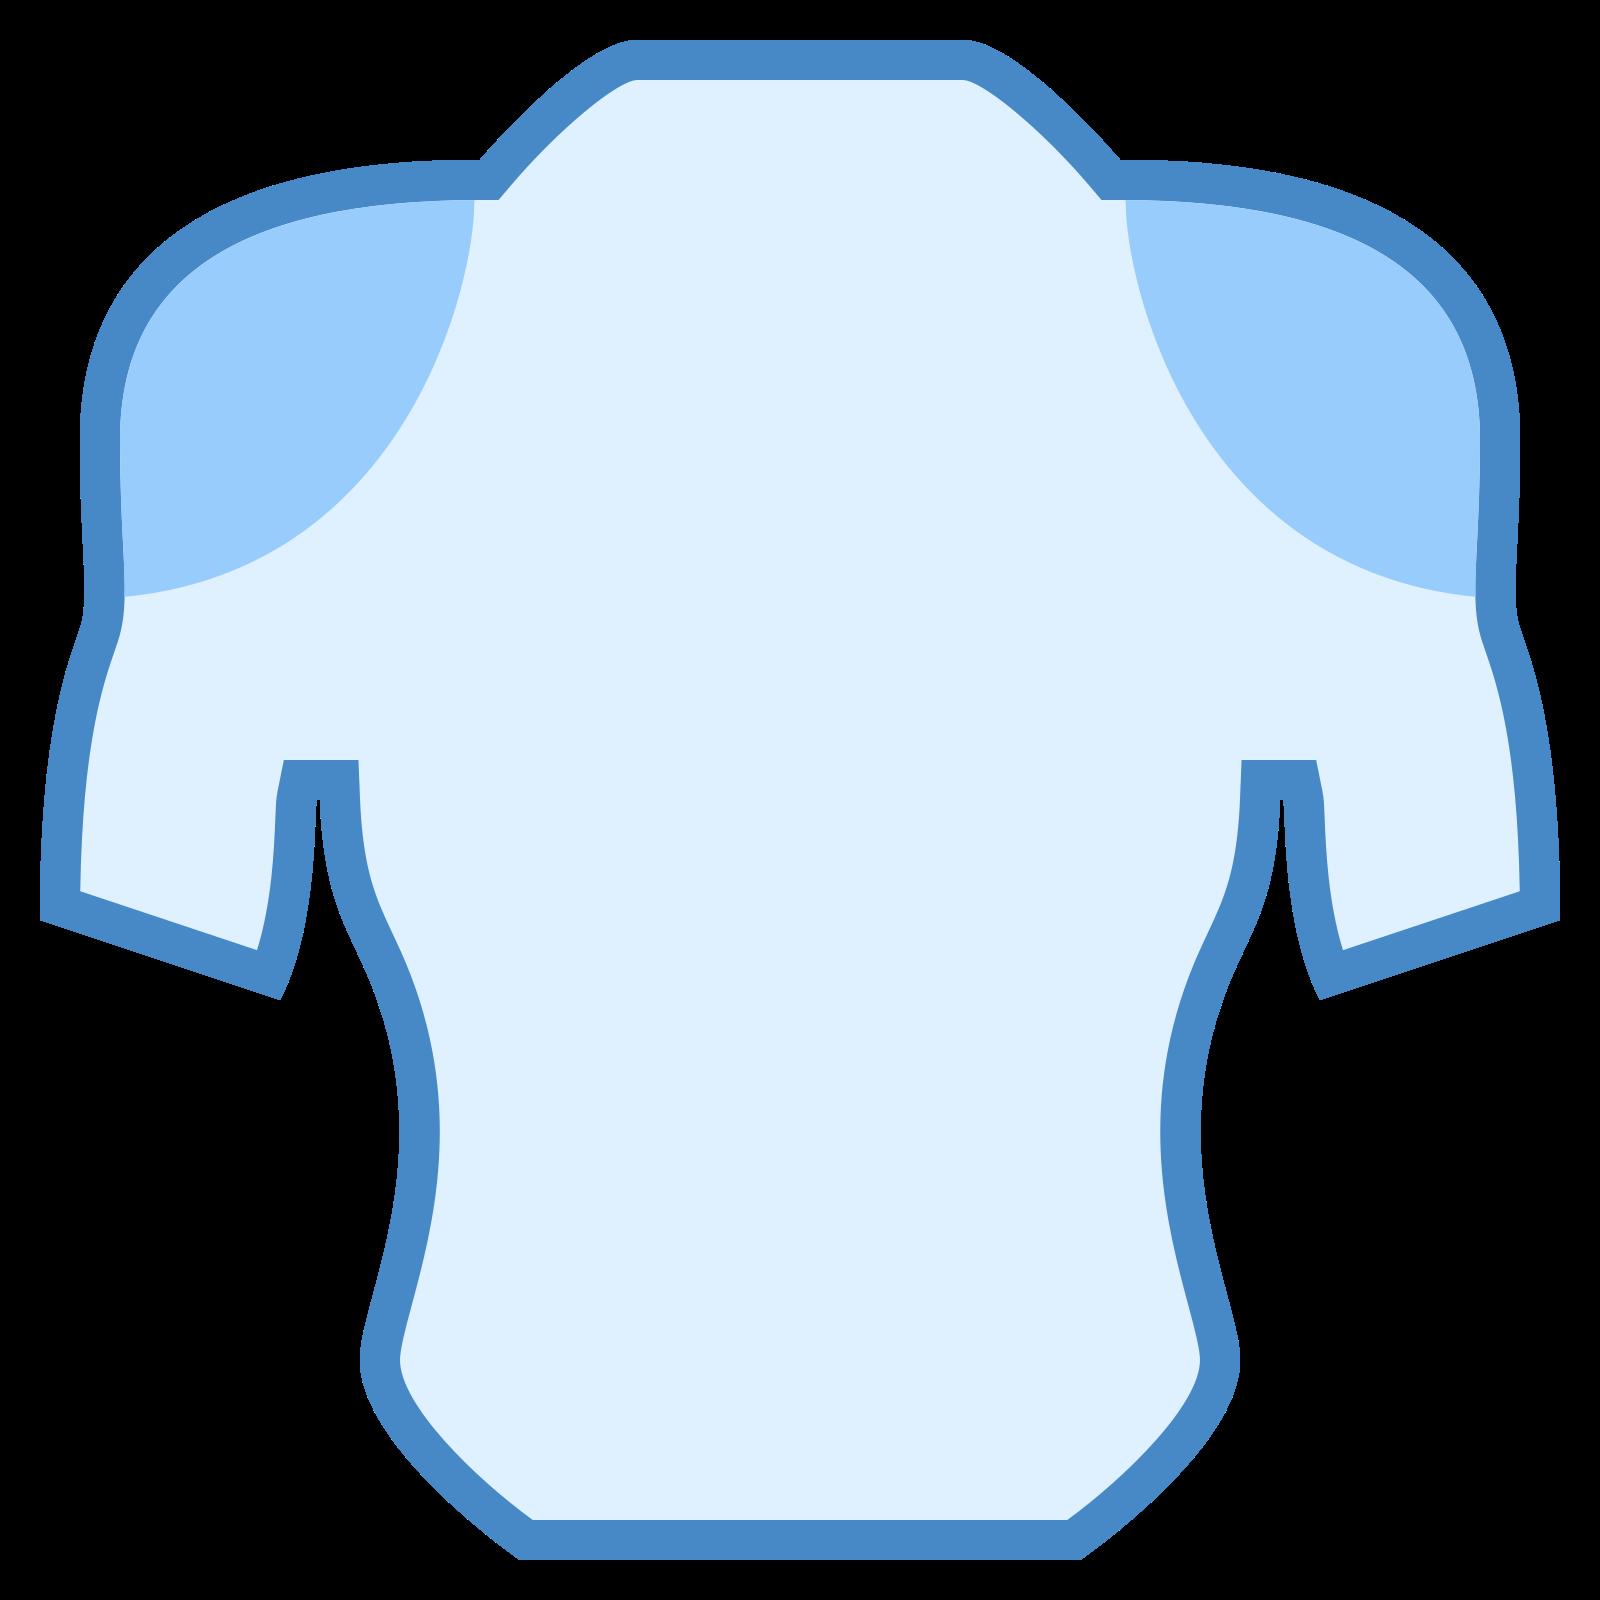 肩 icon. It is an icon with lines that outline the chest and upper portion of arms on the human body. There are two circles right where the shoulders would be. Each circle has multiple dots inside of them.